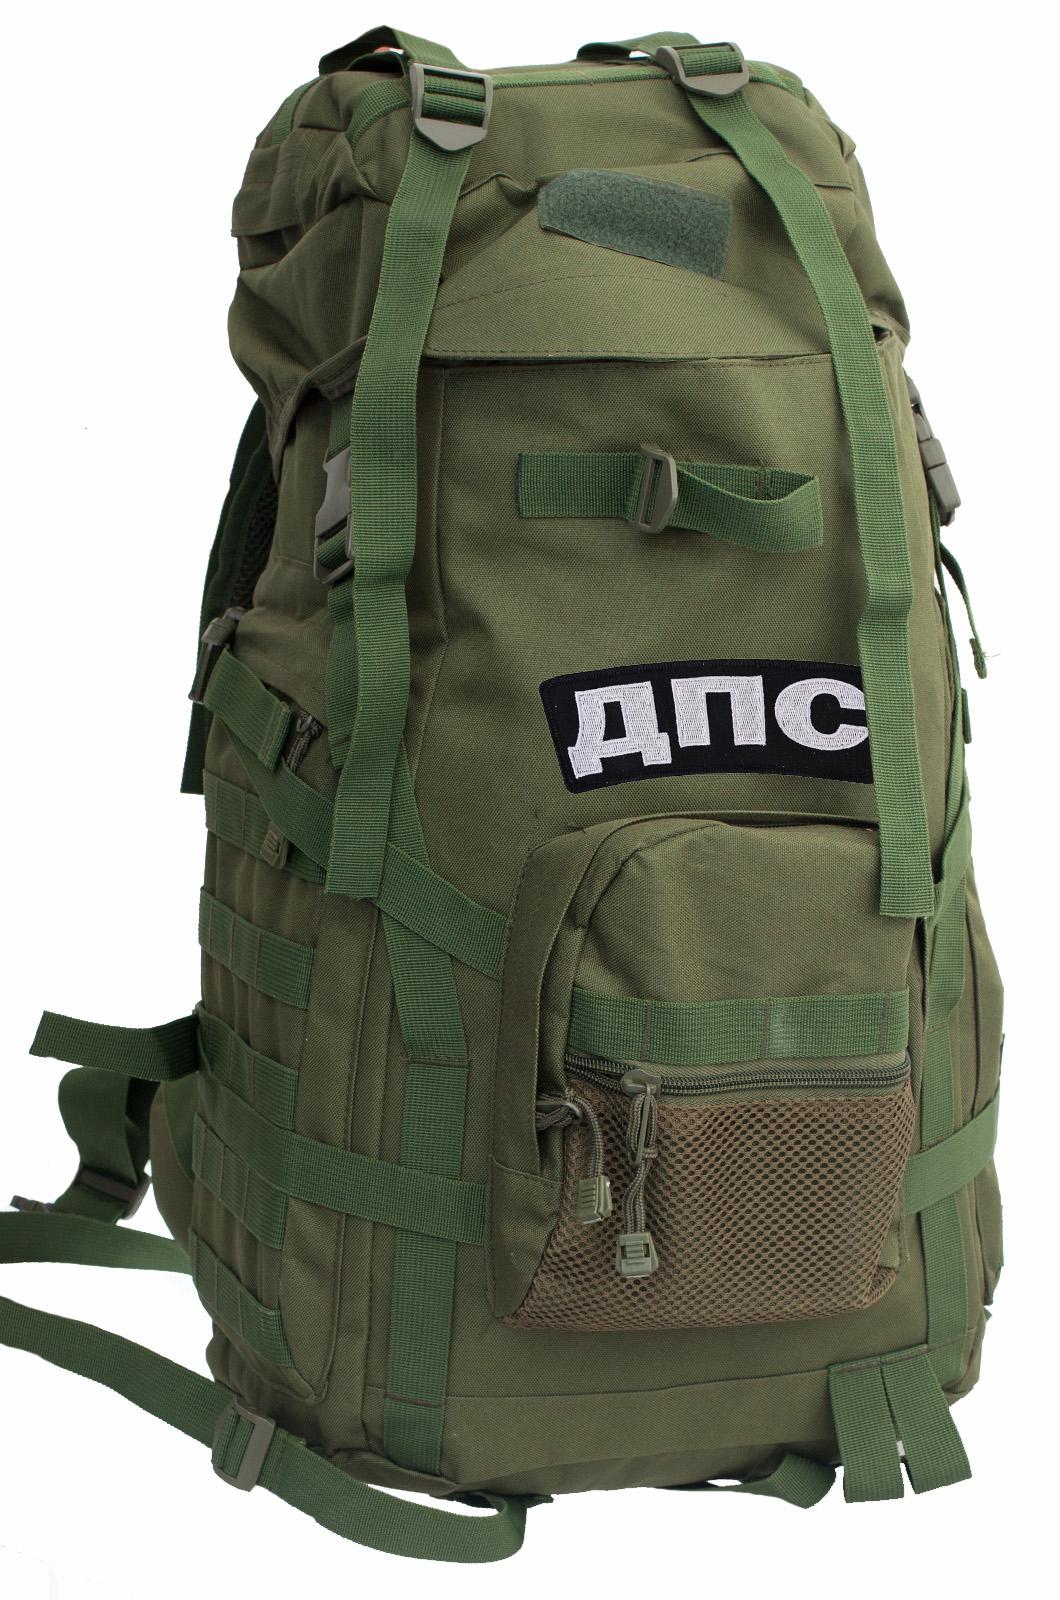 Военный рейдовый рюкзак с нашивкой ДПС - купить в подарок